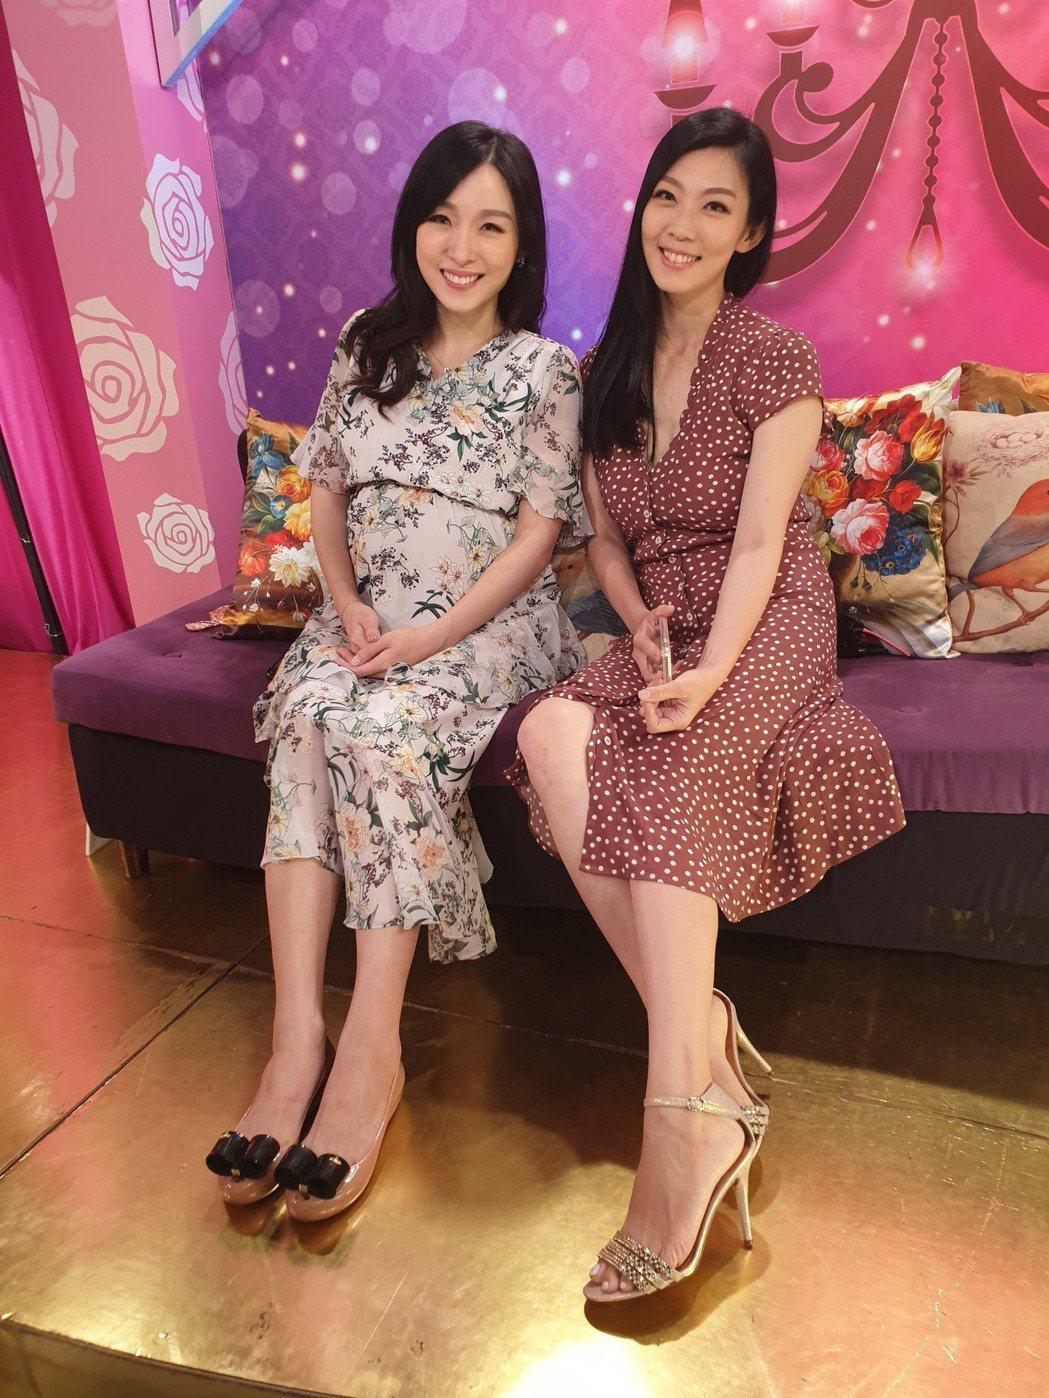 張宇和戴心怡一起上節目。記者李姿瑩/攝影